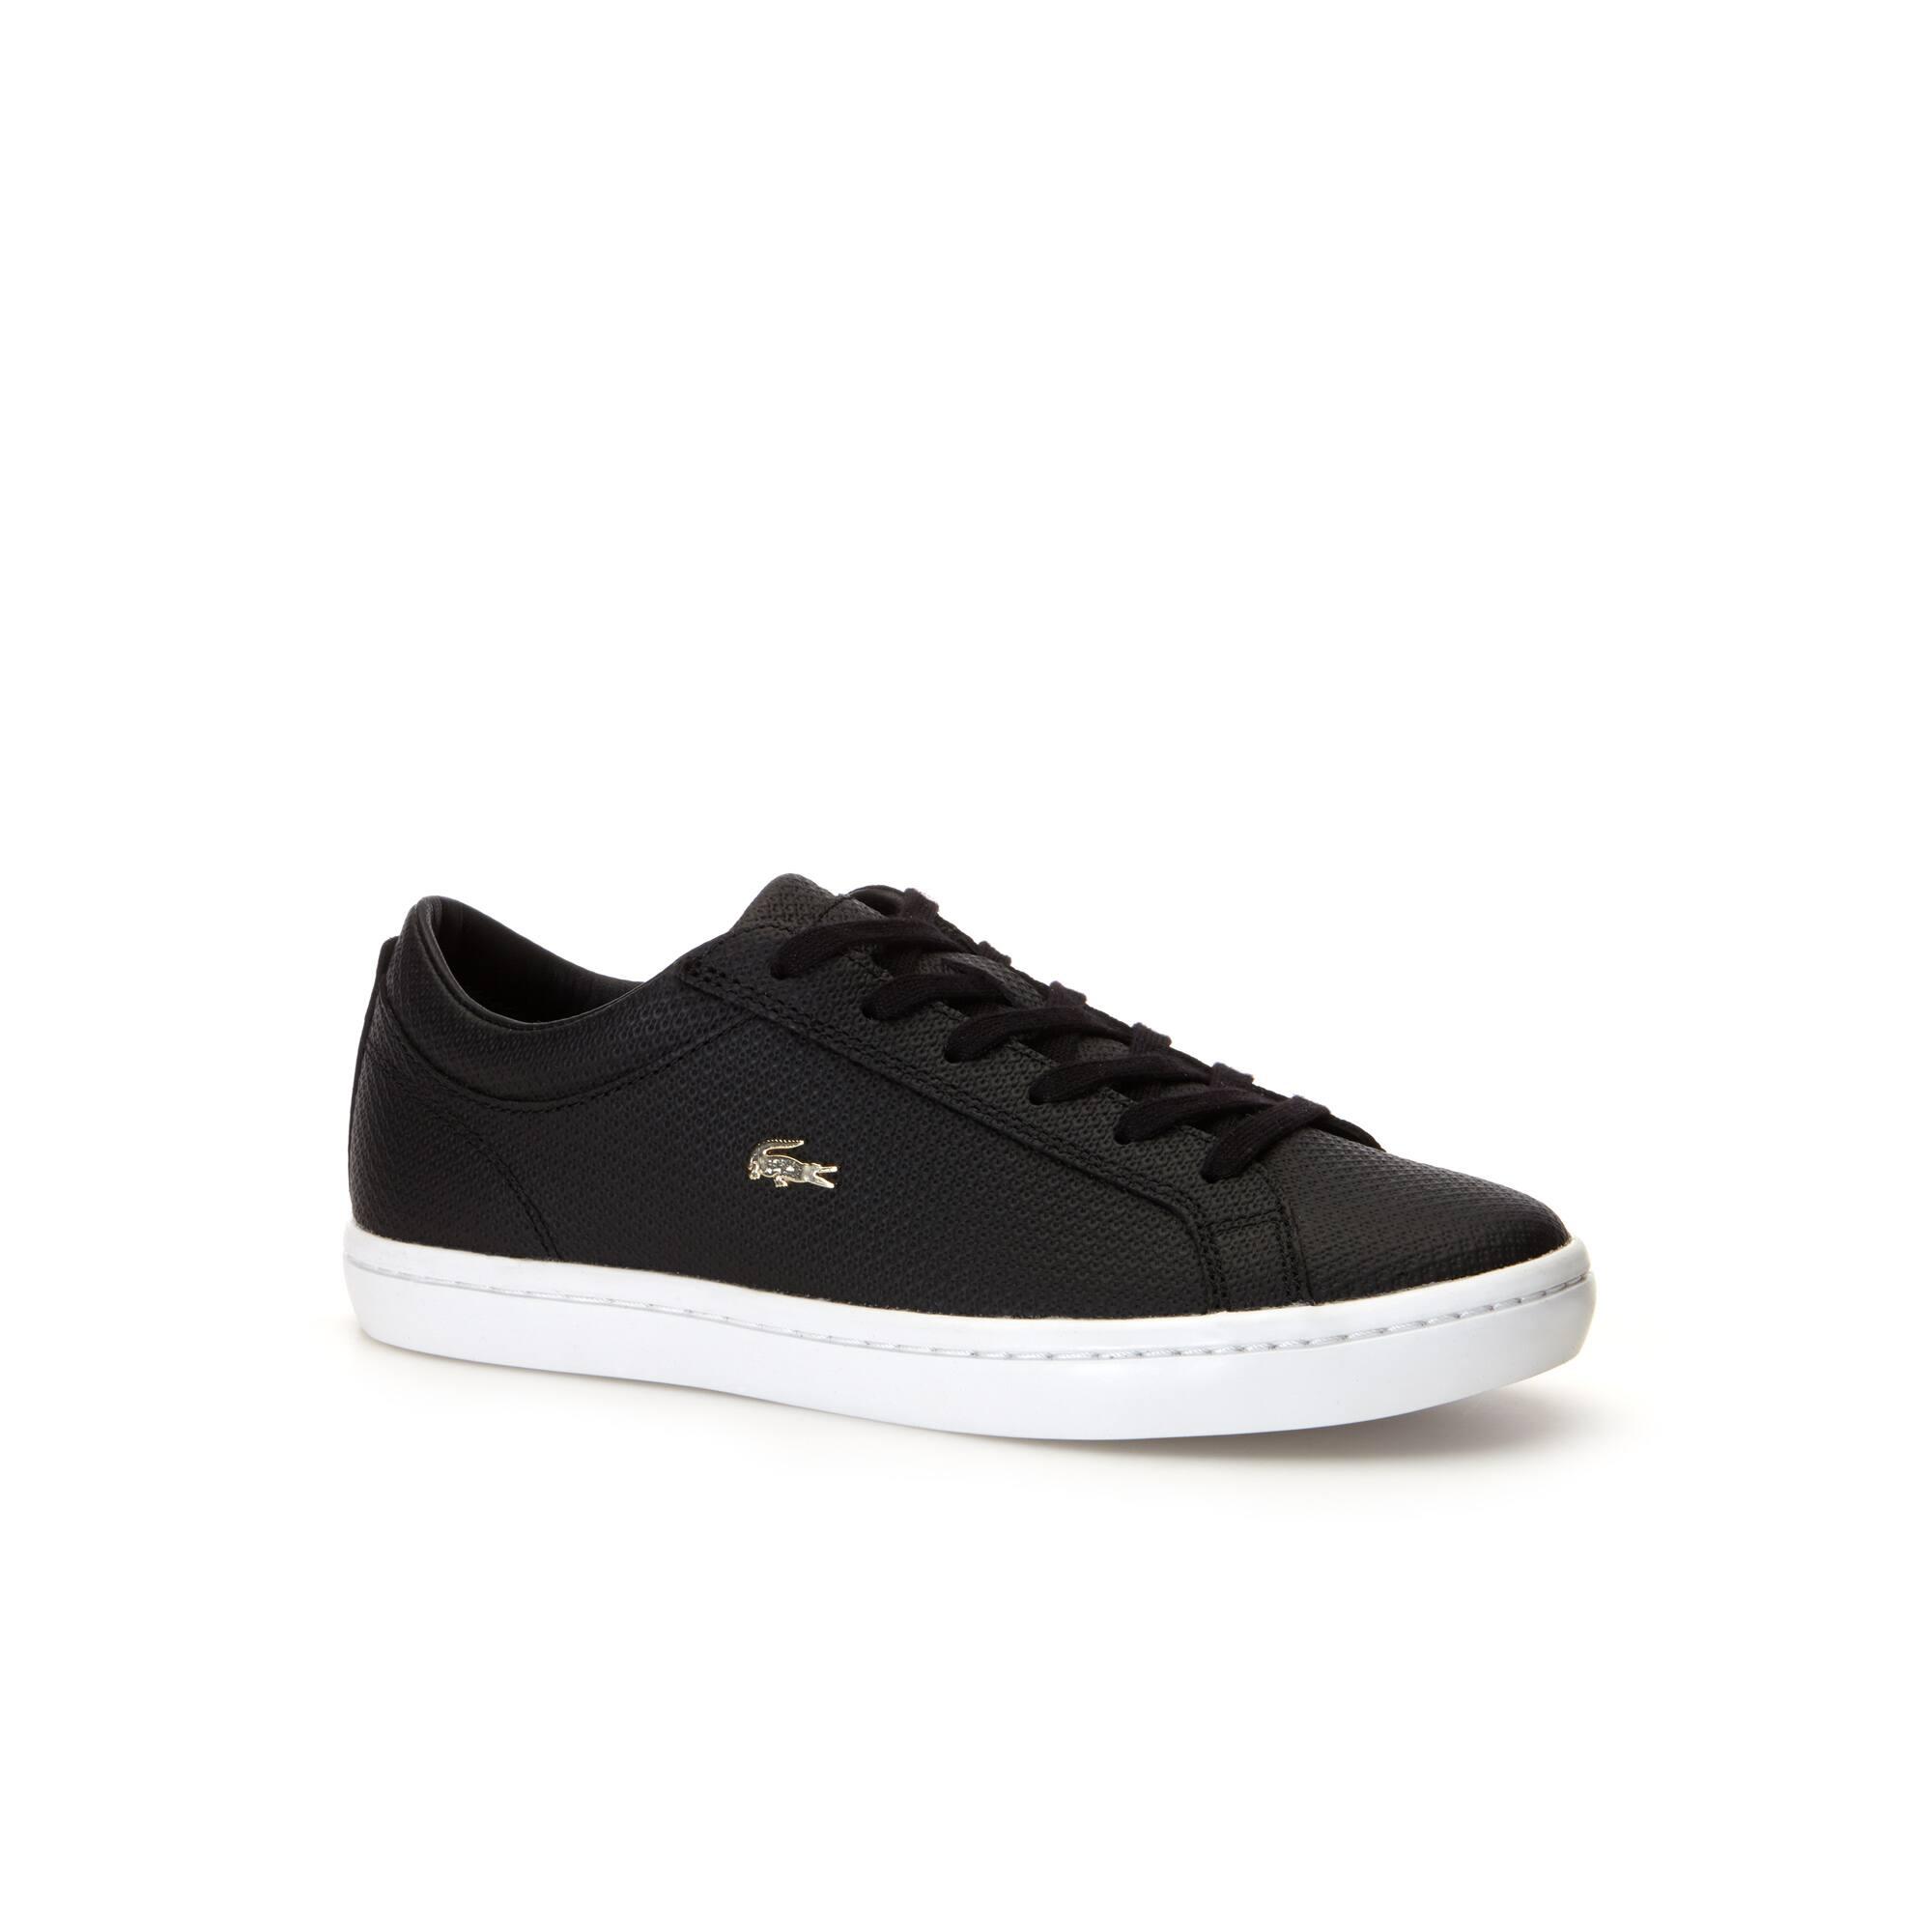 Coleção de calçado   Calçado para Mulher   LACOSTE 7fc39af3f4